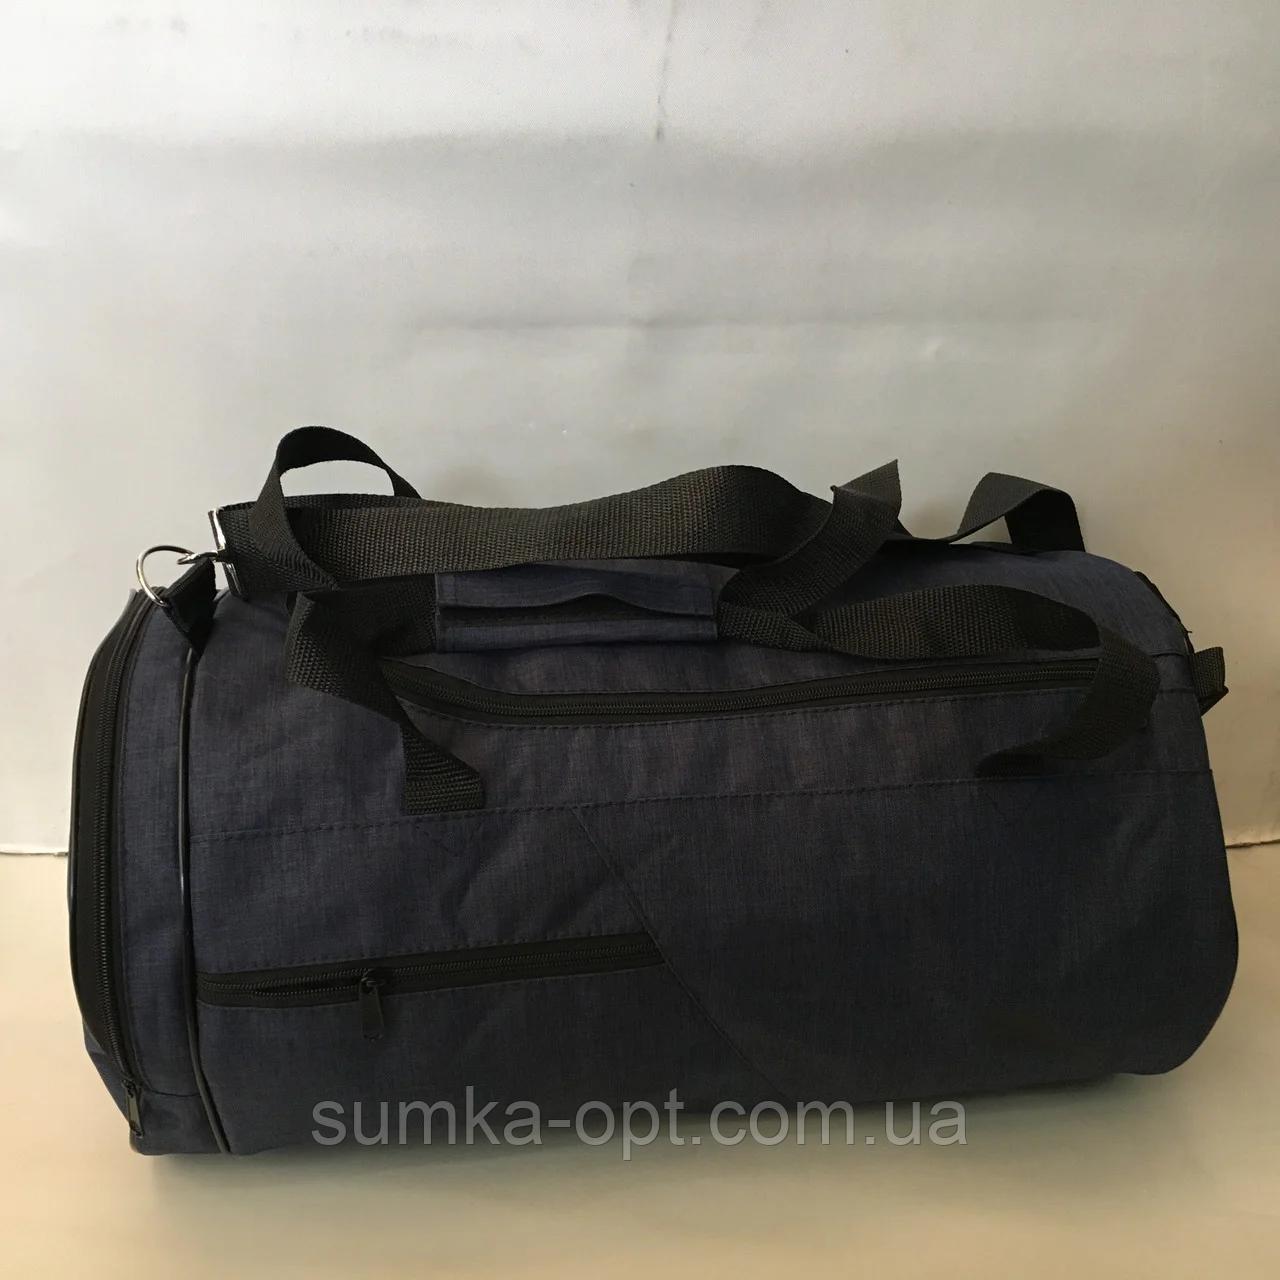 Спортивные сумки в ассортименте на 3отделения  (СИНИЙ)22Х26Х47